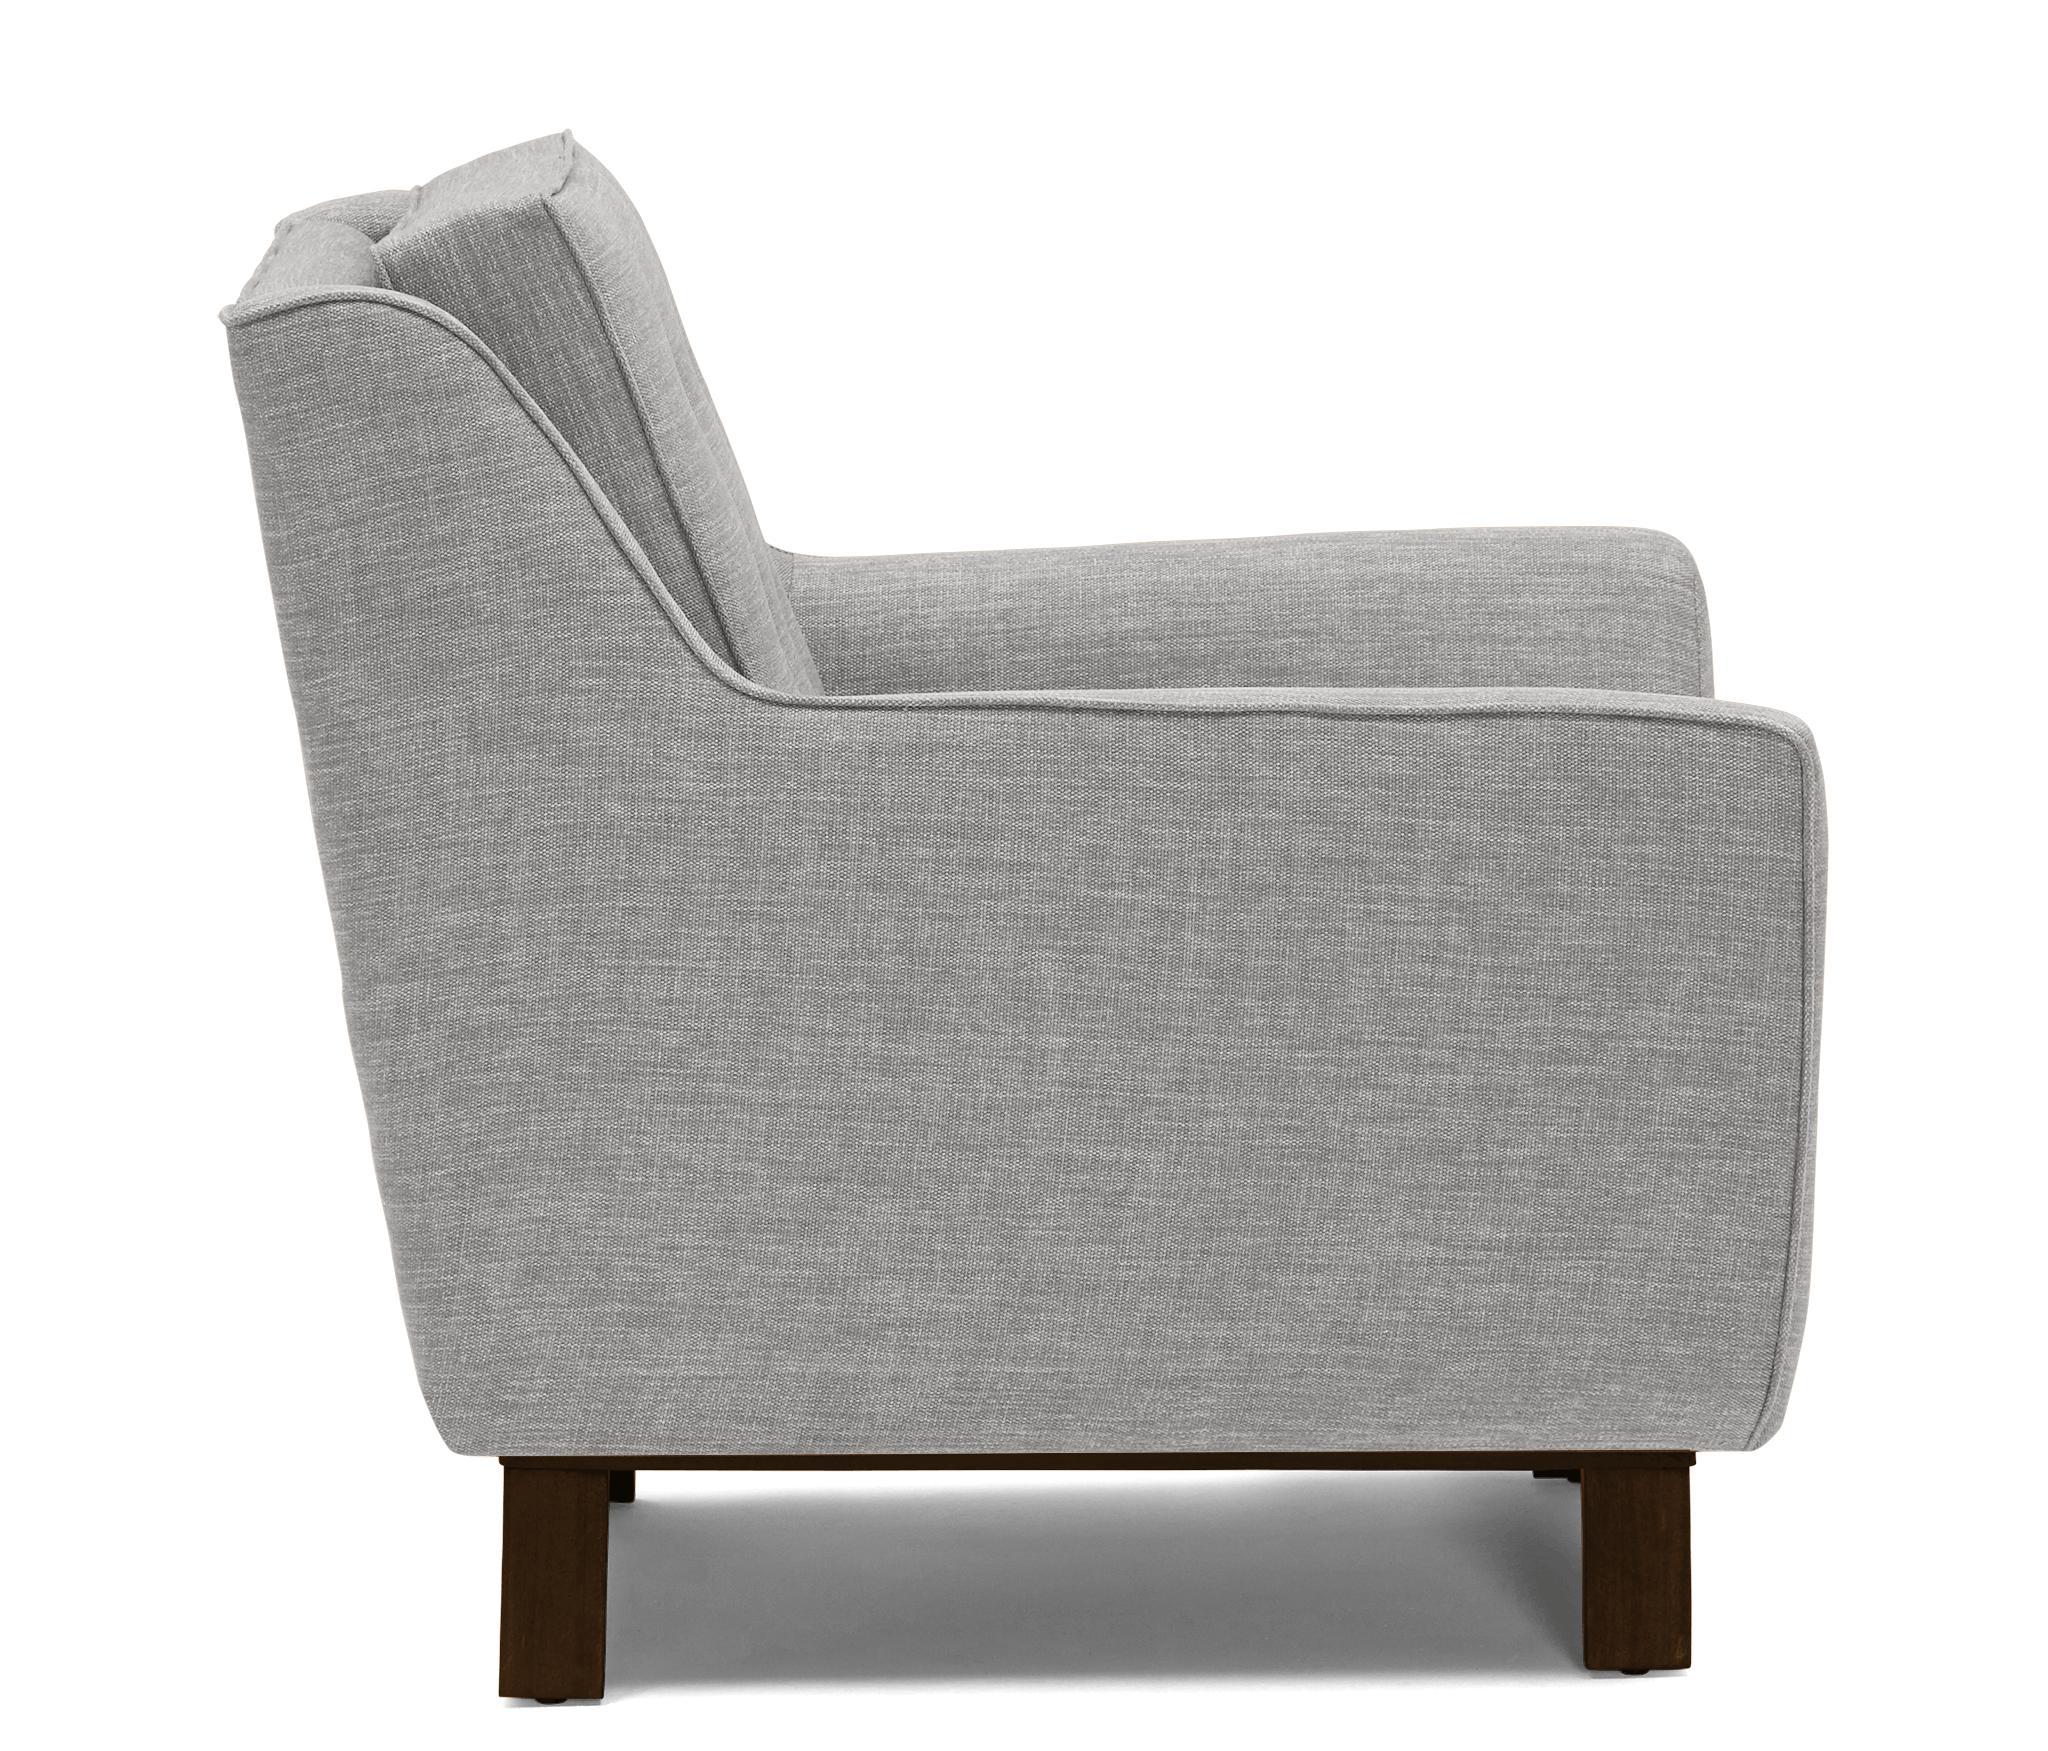 Gray Eastwood Mid Century Modern Chair - Sunbrella Premier Fog - Mocha